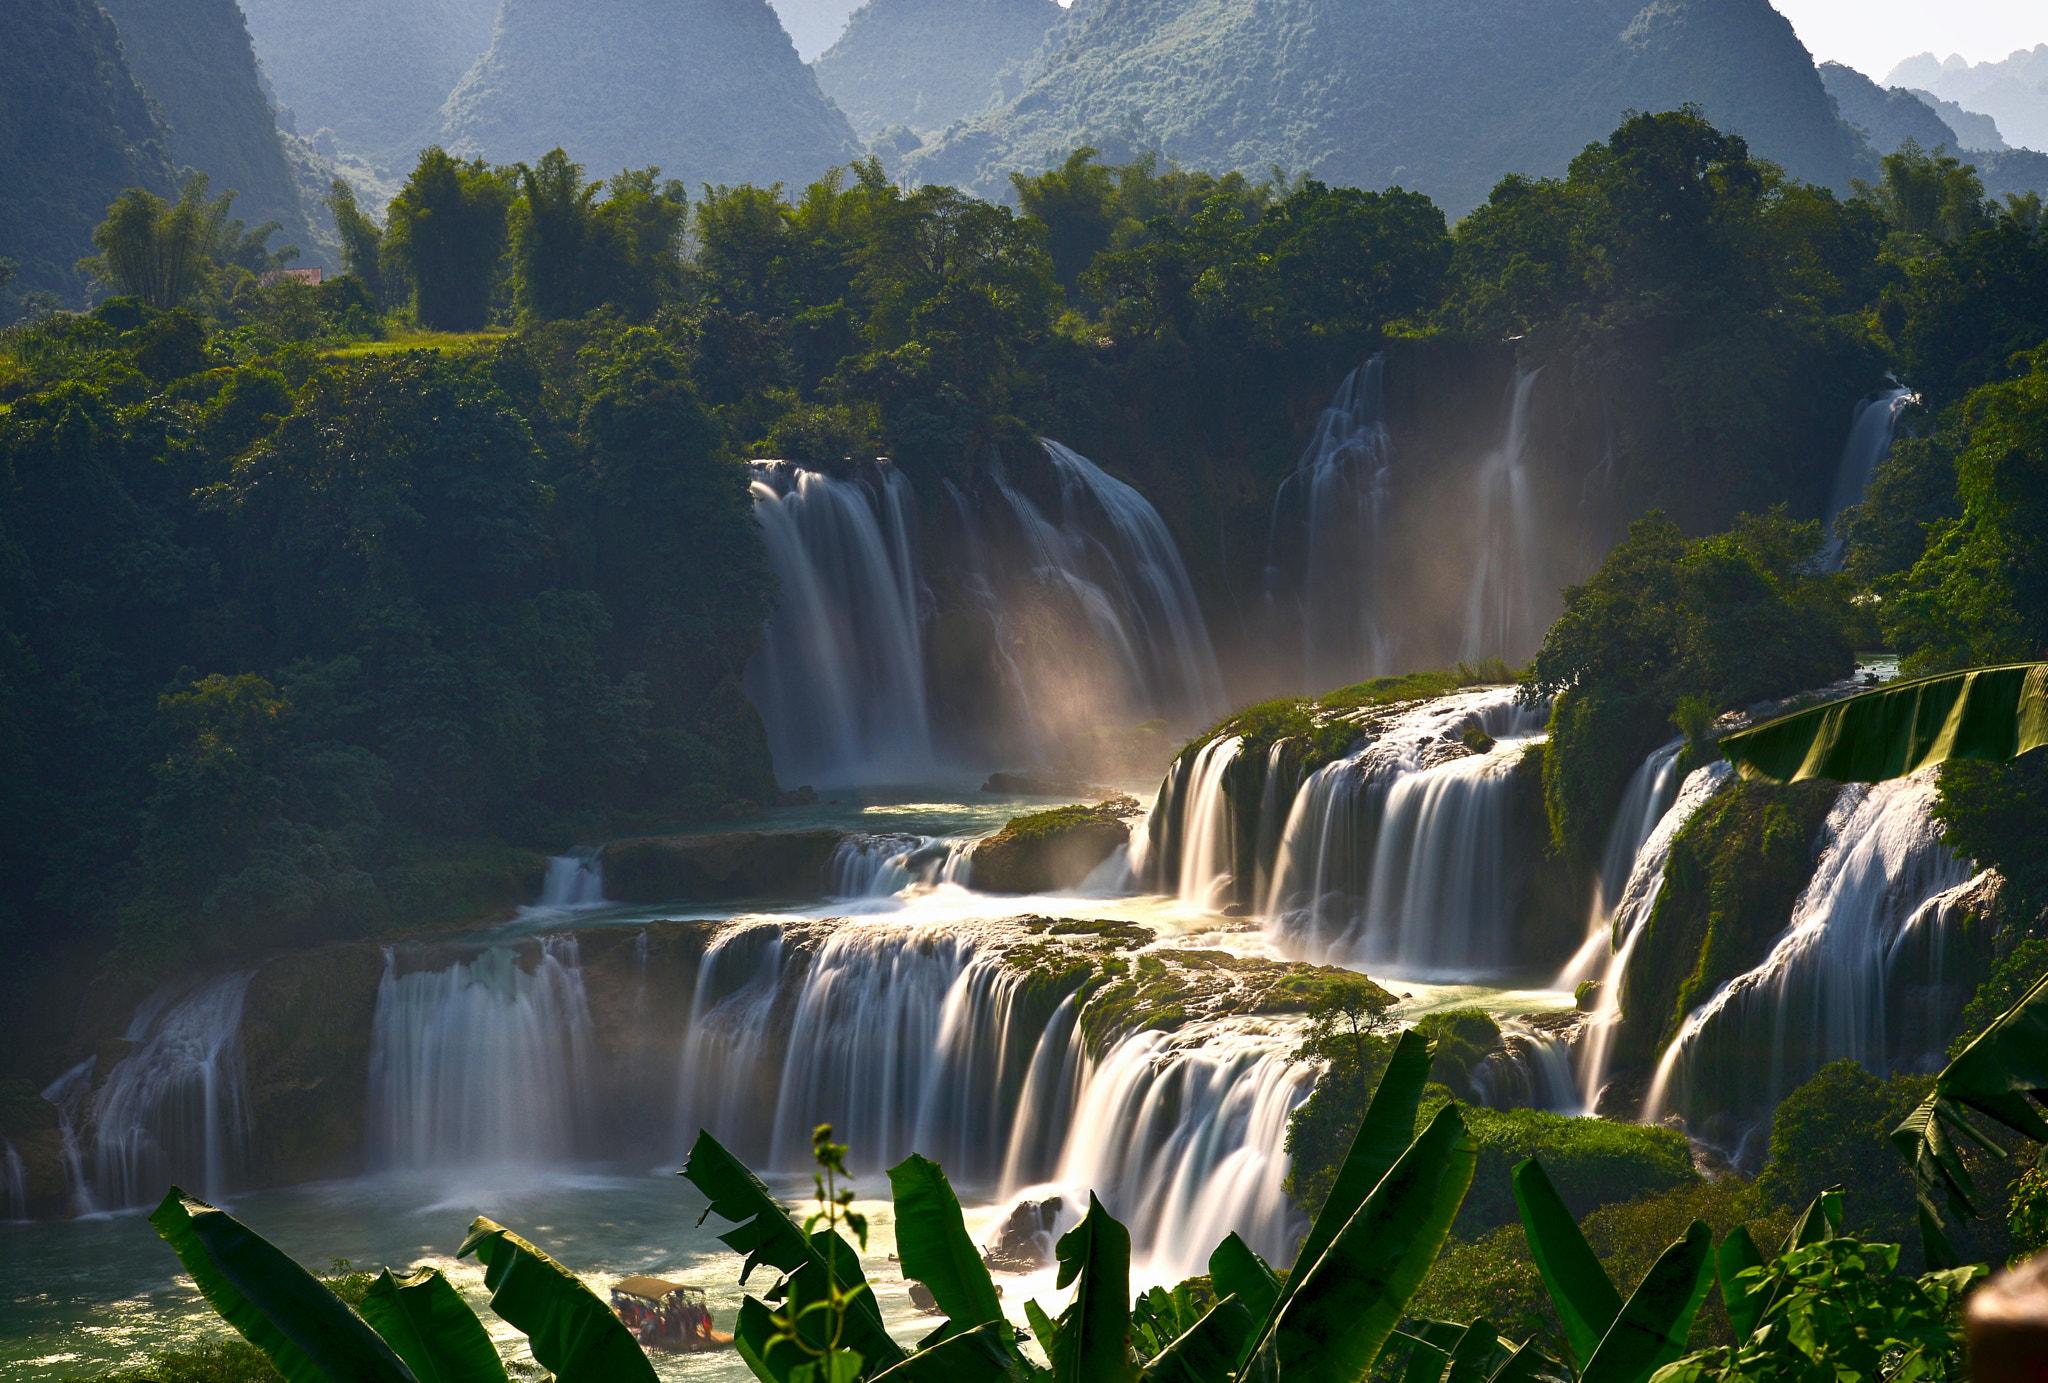 Du lịch Hồ Ba Bể - Thác Bản Giốc Mùa Xuân 2019 - Vietmountain Travel 2